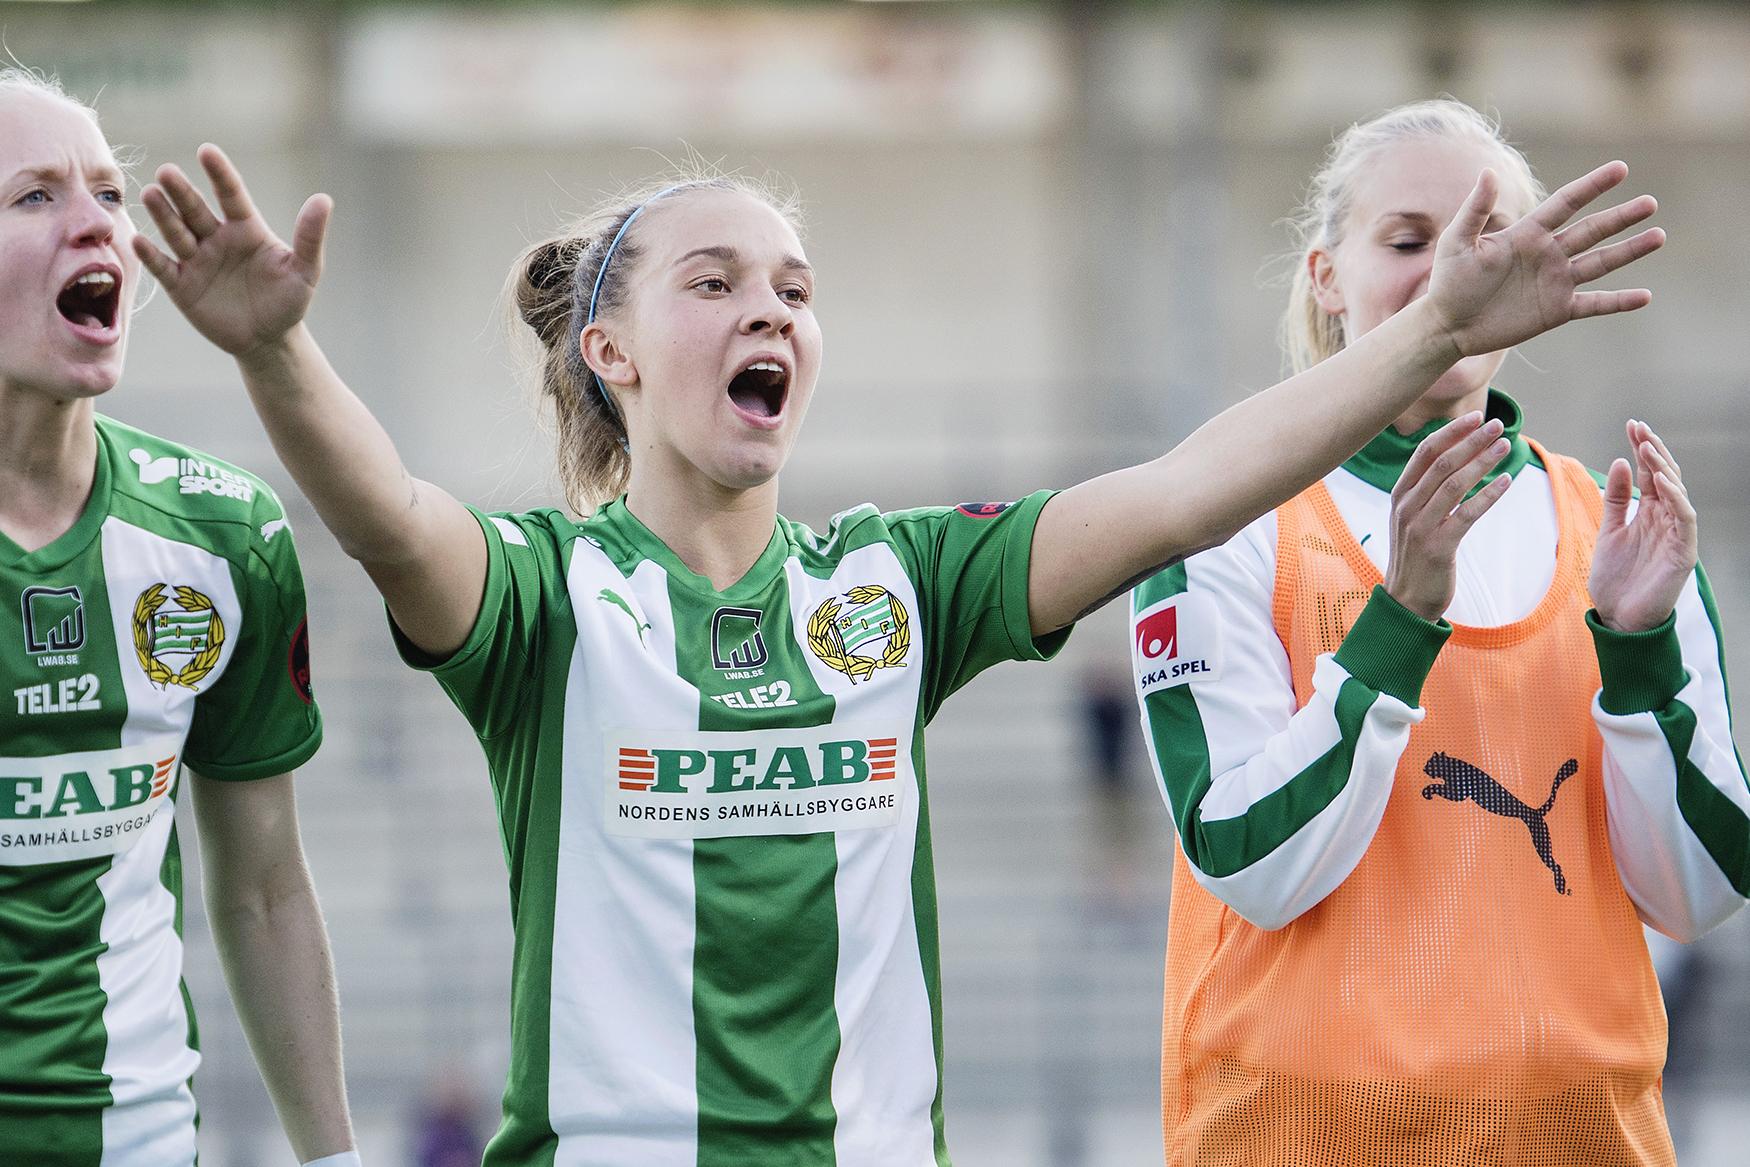 170629 Hammarbys Julia Zigiotti Olme (m) jublar efter under fotbollsmatchen i Damallsvenskan mellan Hammarby och Vittsjš den 29 juni 2017 i Stockholm. Foto: Johanna Lundberg / BILDBYRN / kod JL / 135858